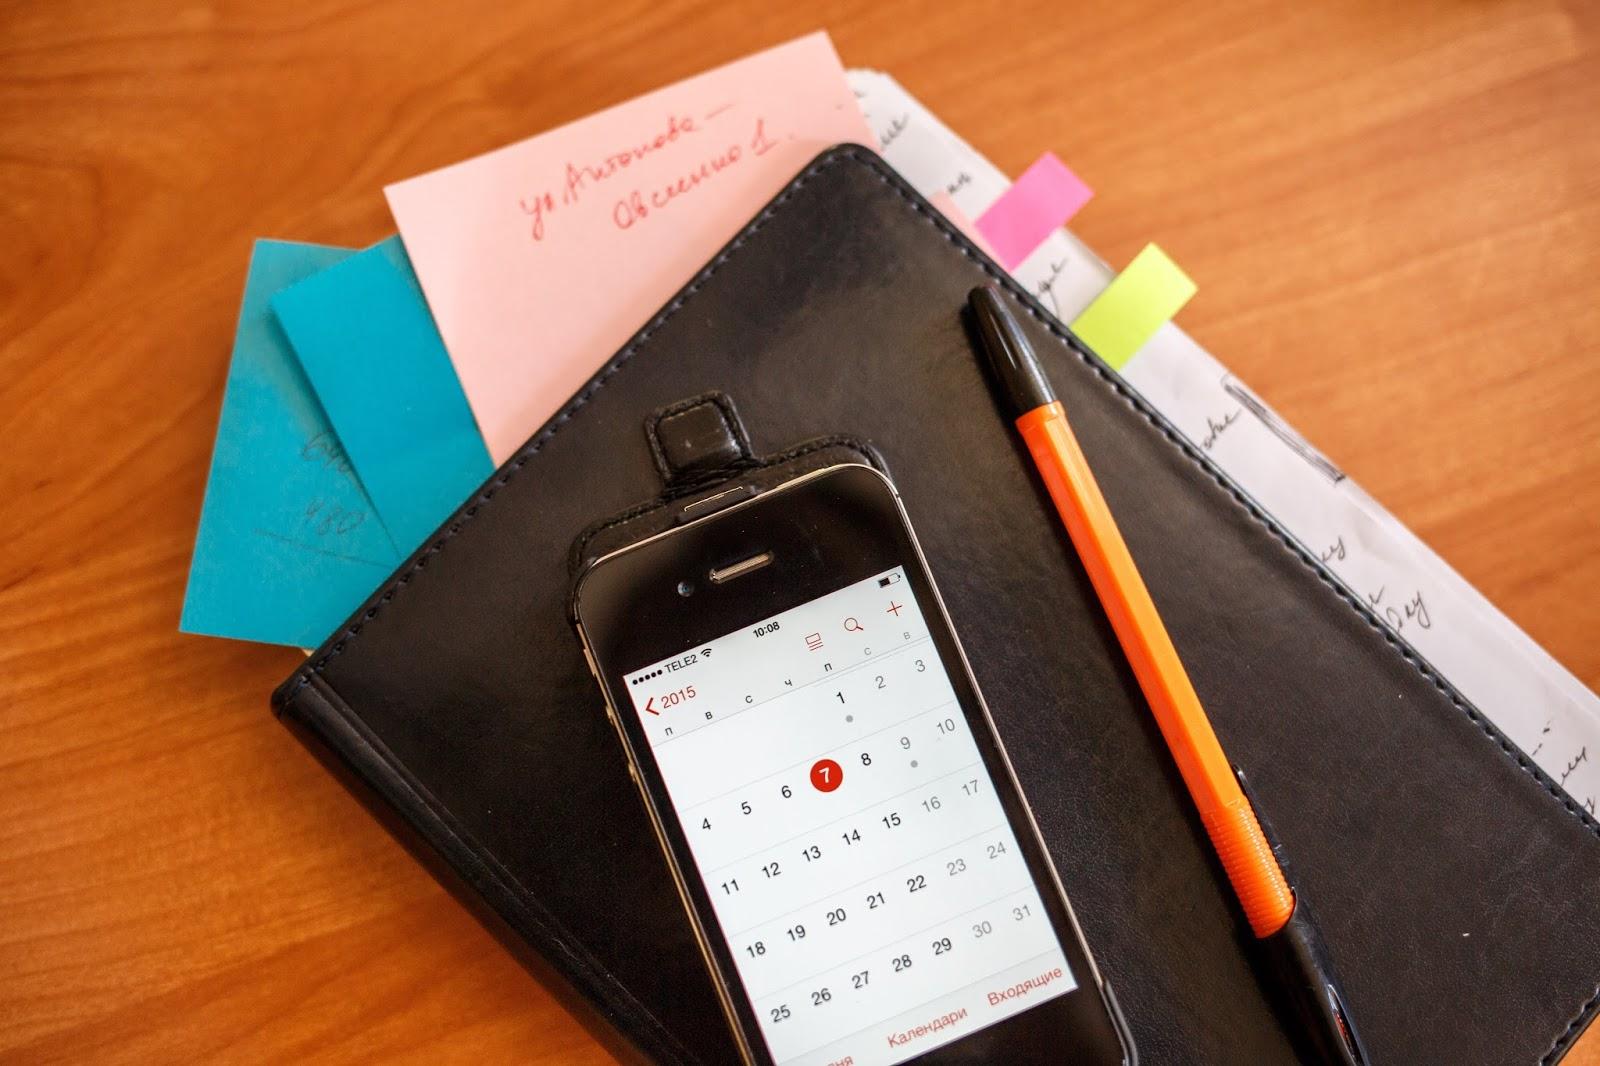 Unik!! Mengatur uang di dompet, dengan smartphone aplikasi android